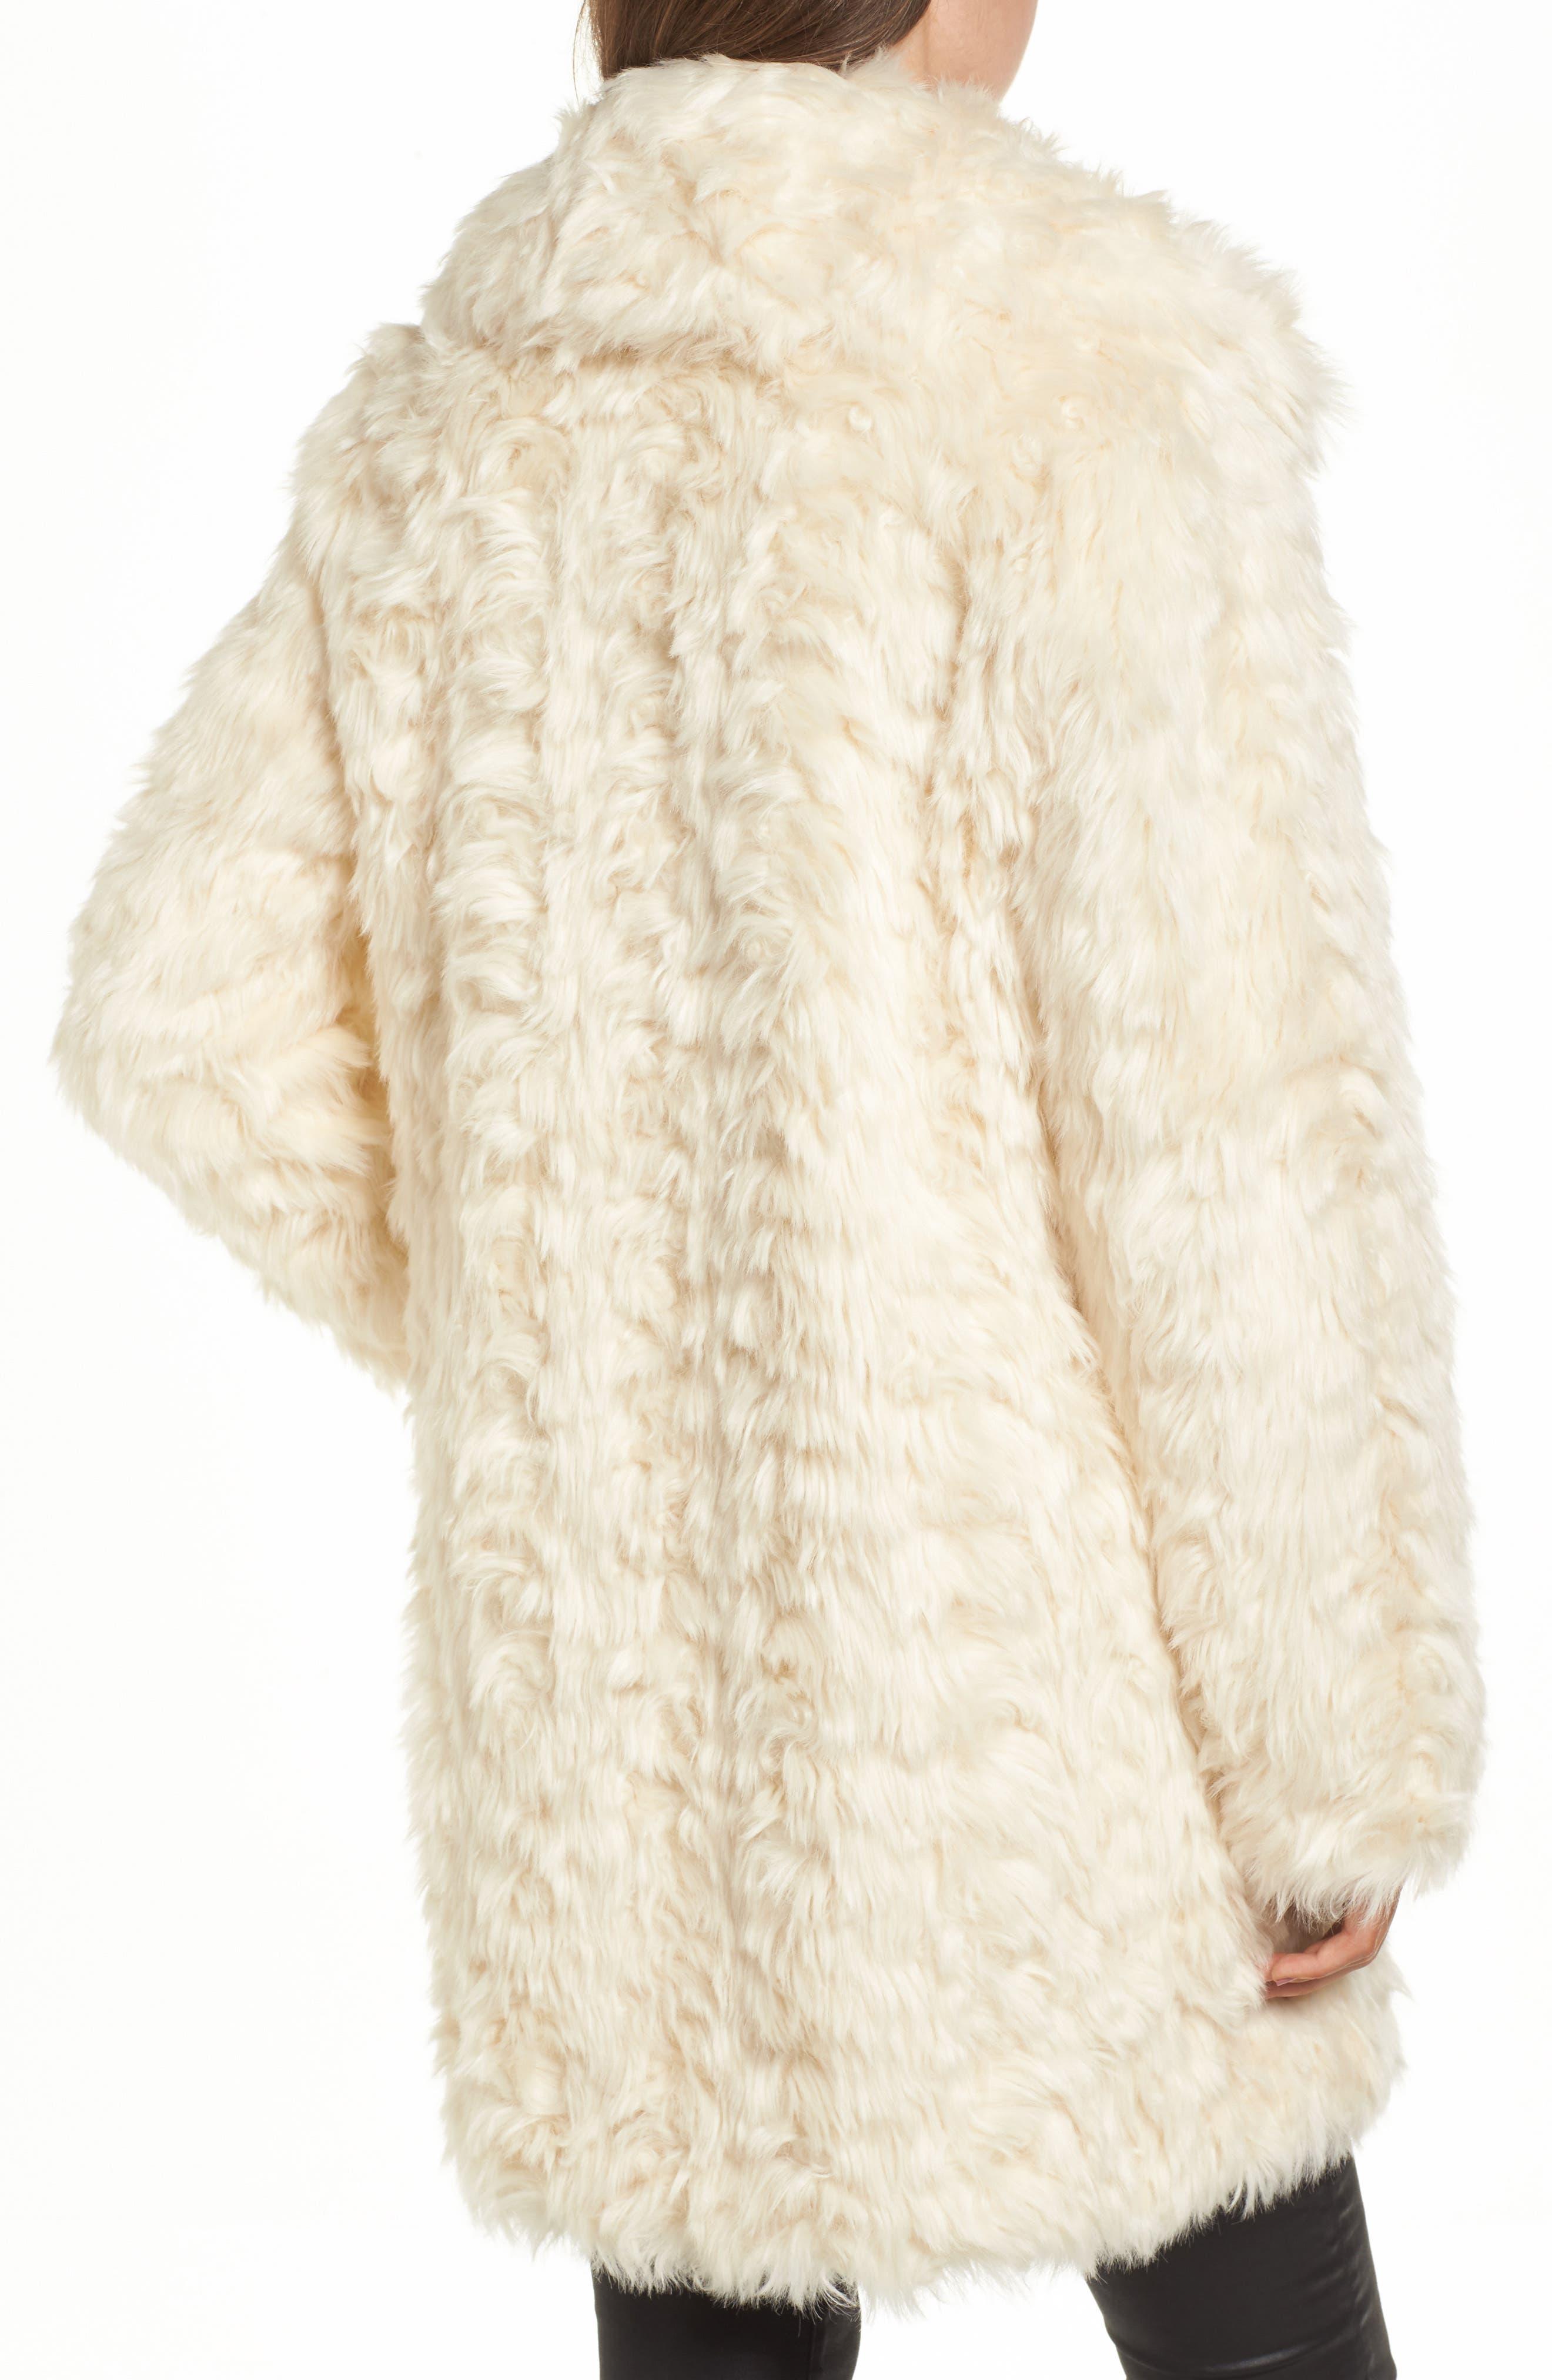 Curly Faux Fur Coat,                             Alternate thumbnail 2, color,                             900